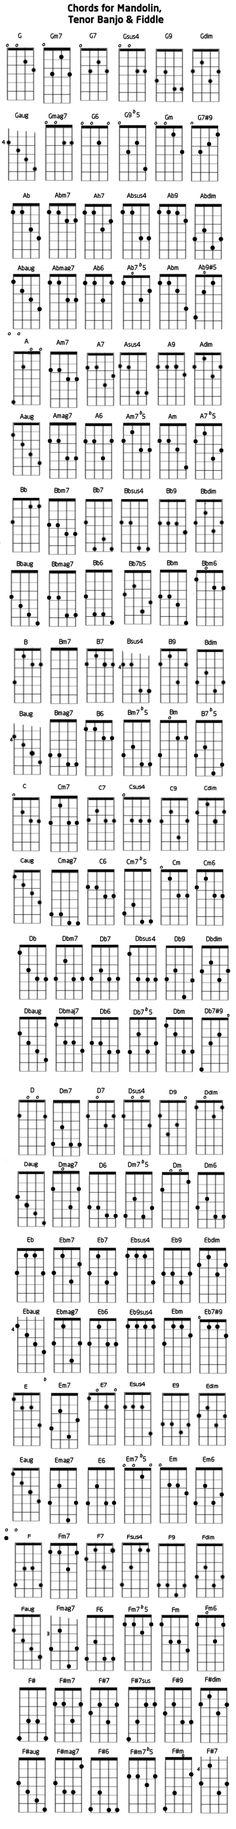 free mandolin chord chart easy beginner chords Mandolin - mandolin chord chart